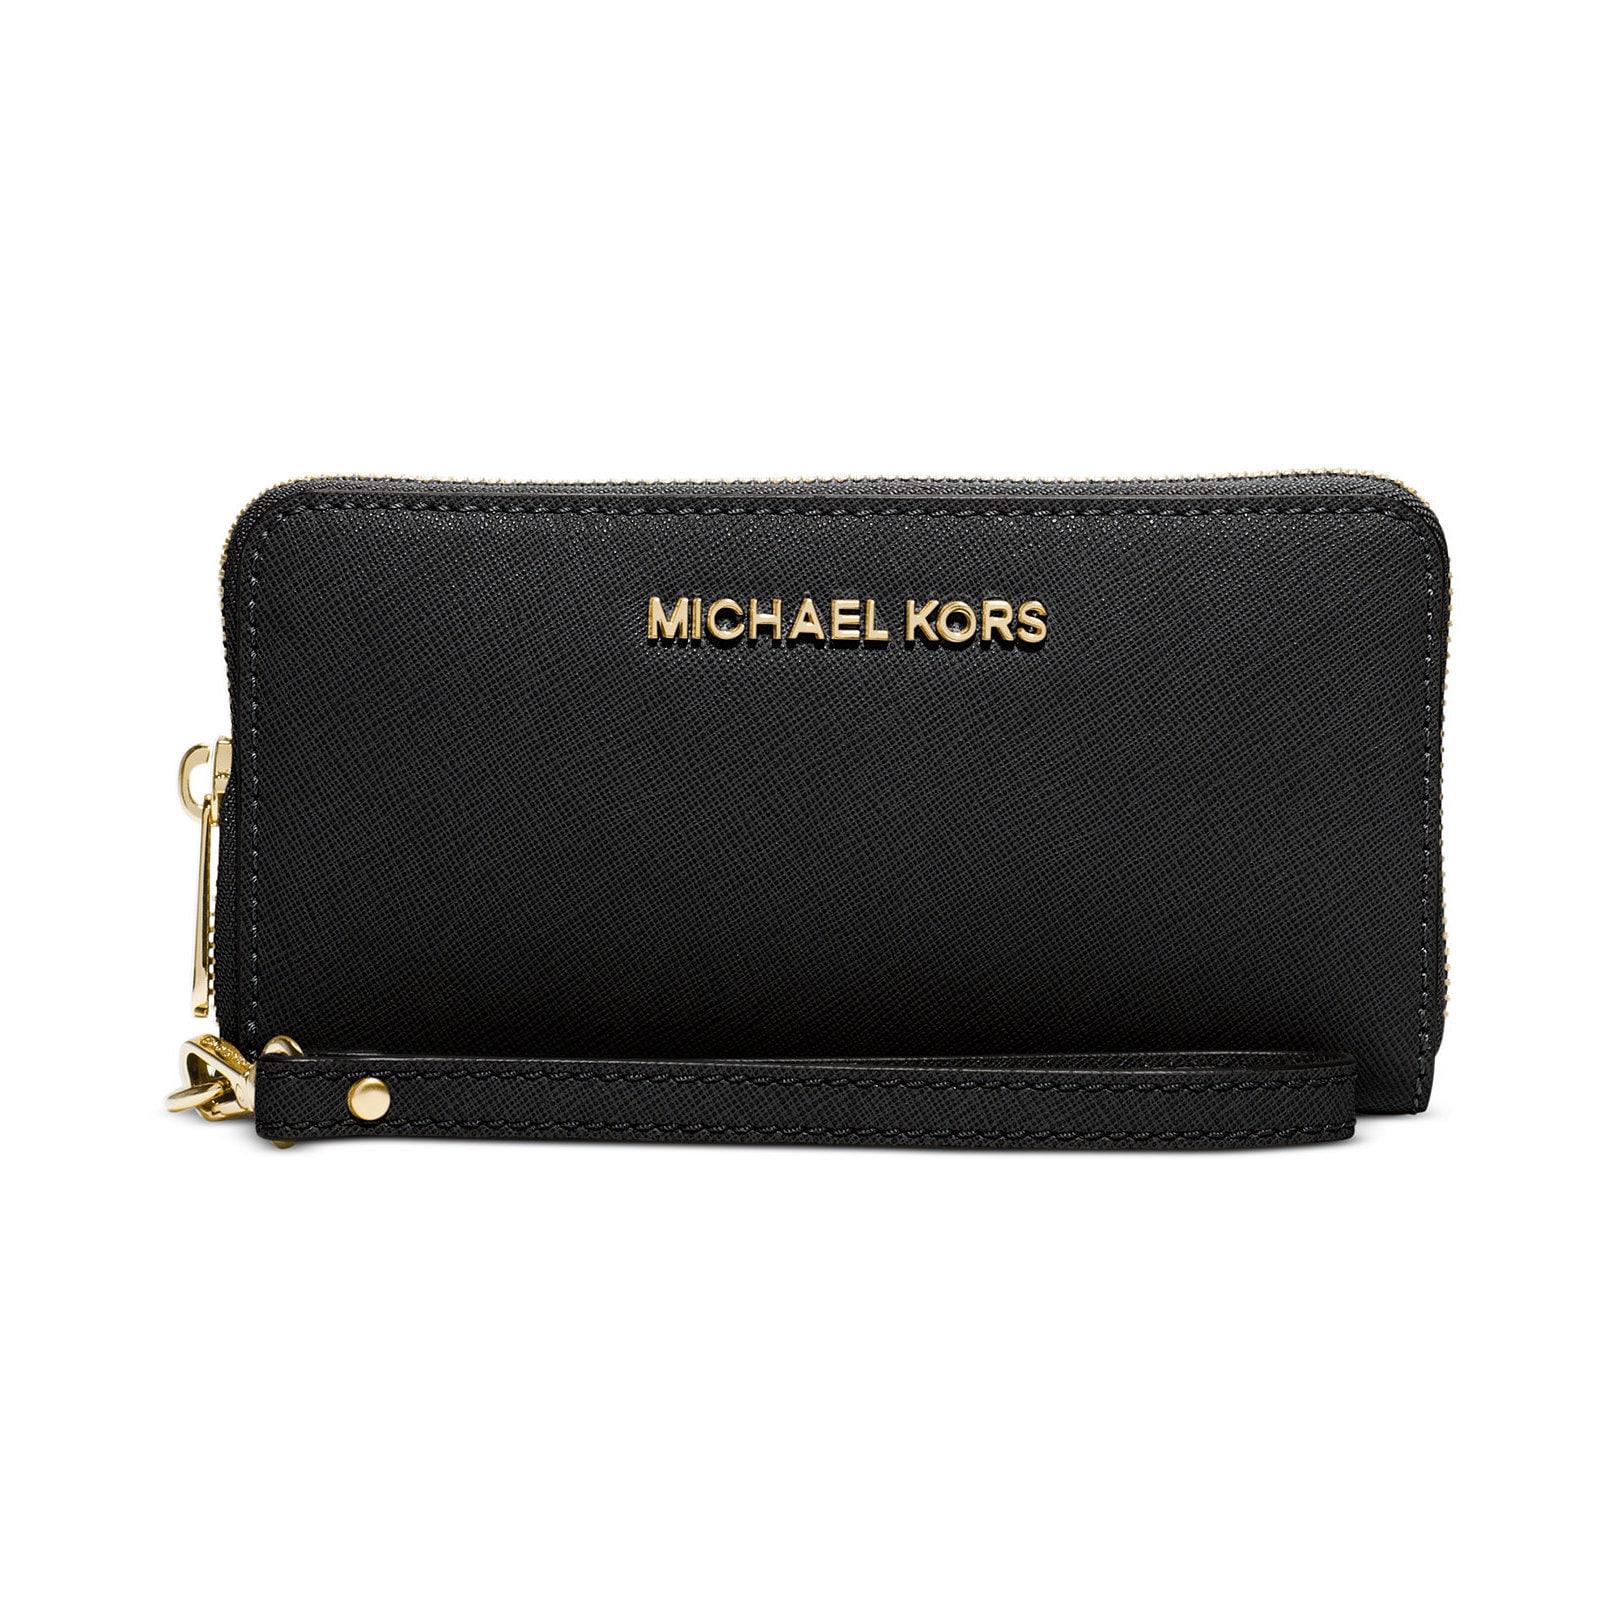 9b80409578c8 Shop Michael Kors Saffiano Jet Set Black Leather Wallet - On Sale ...